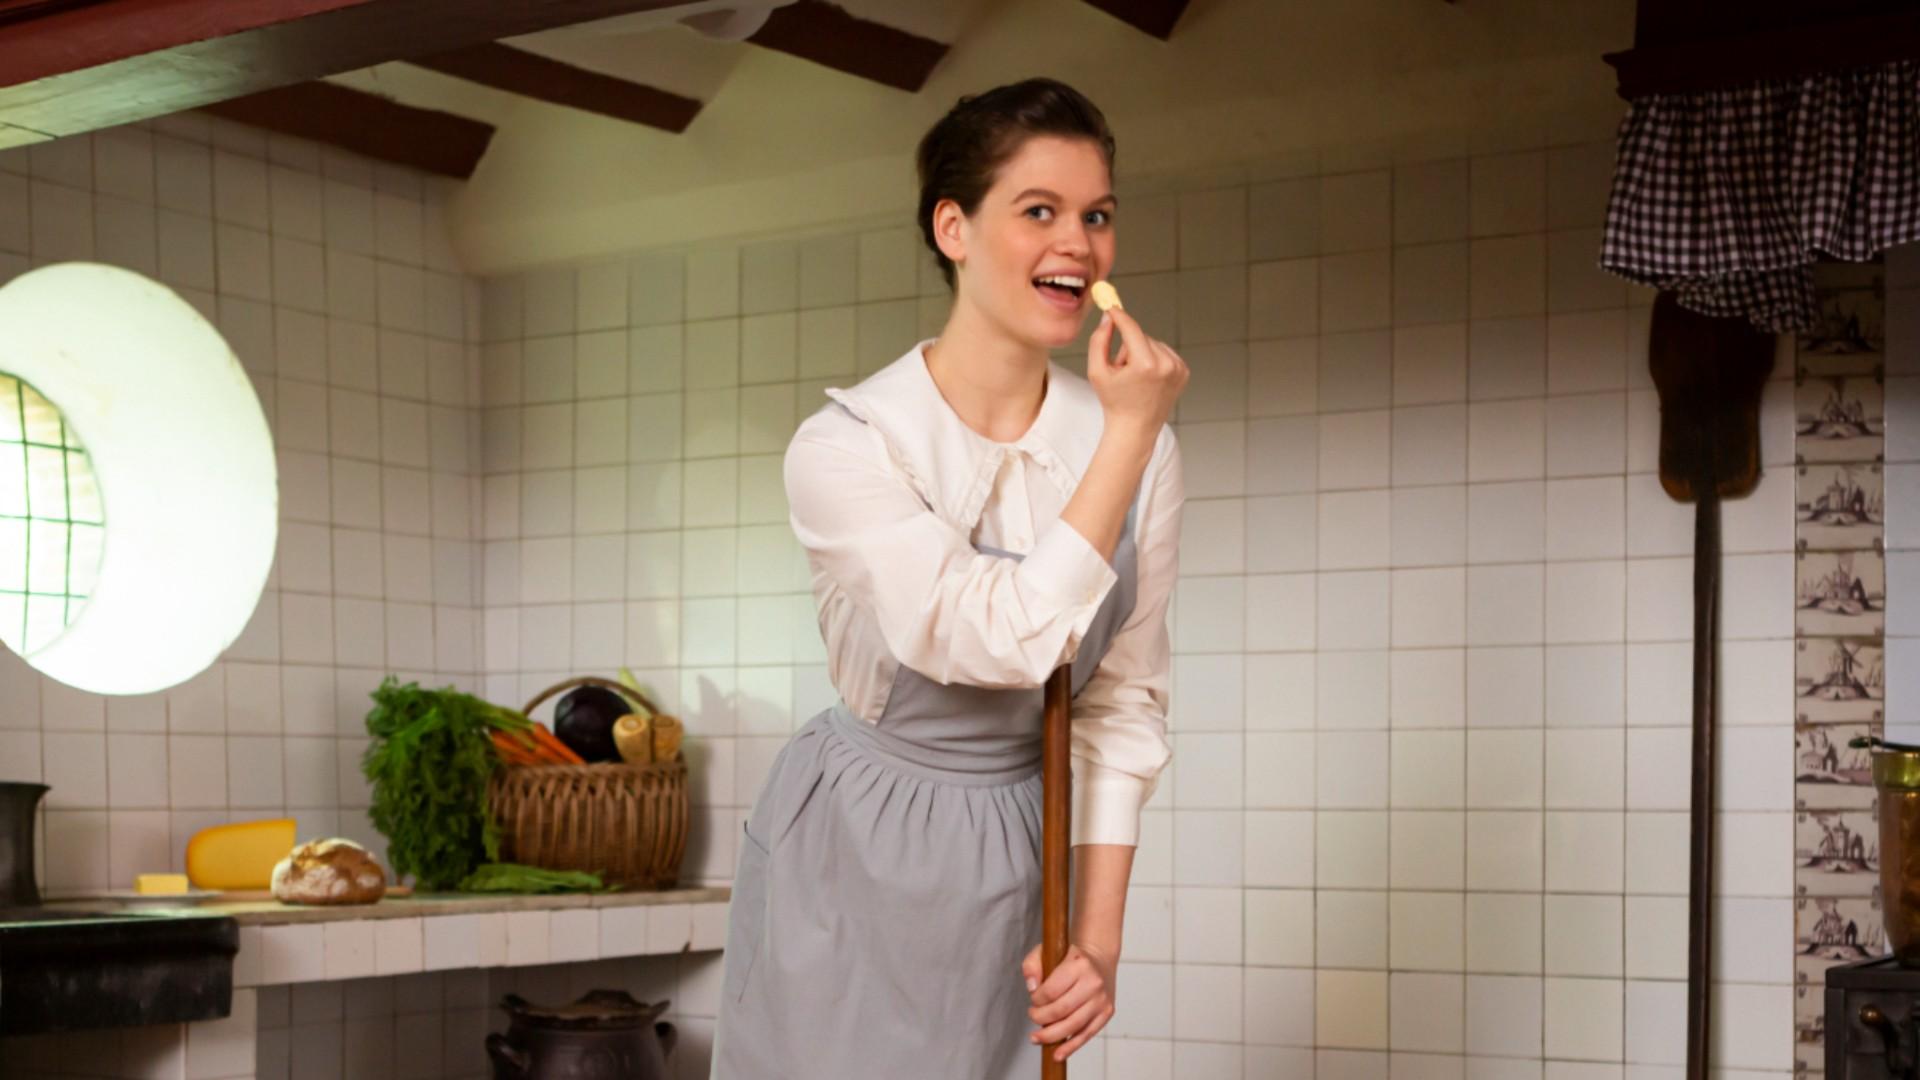 Kaat de keukenmeid